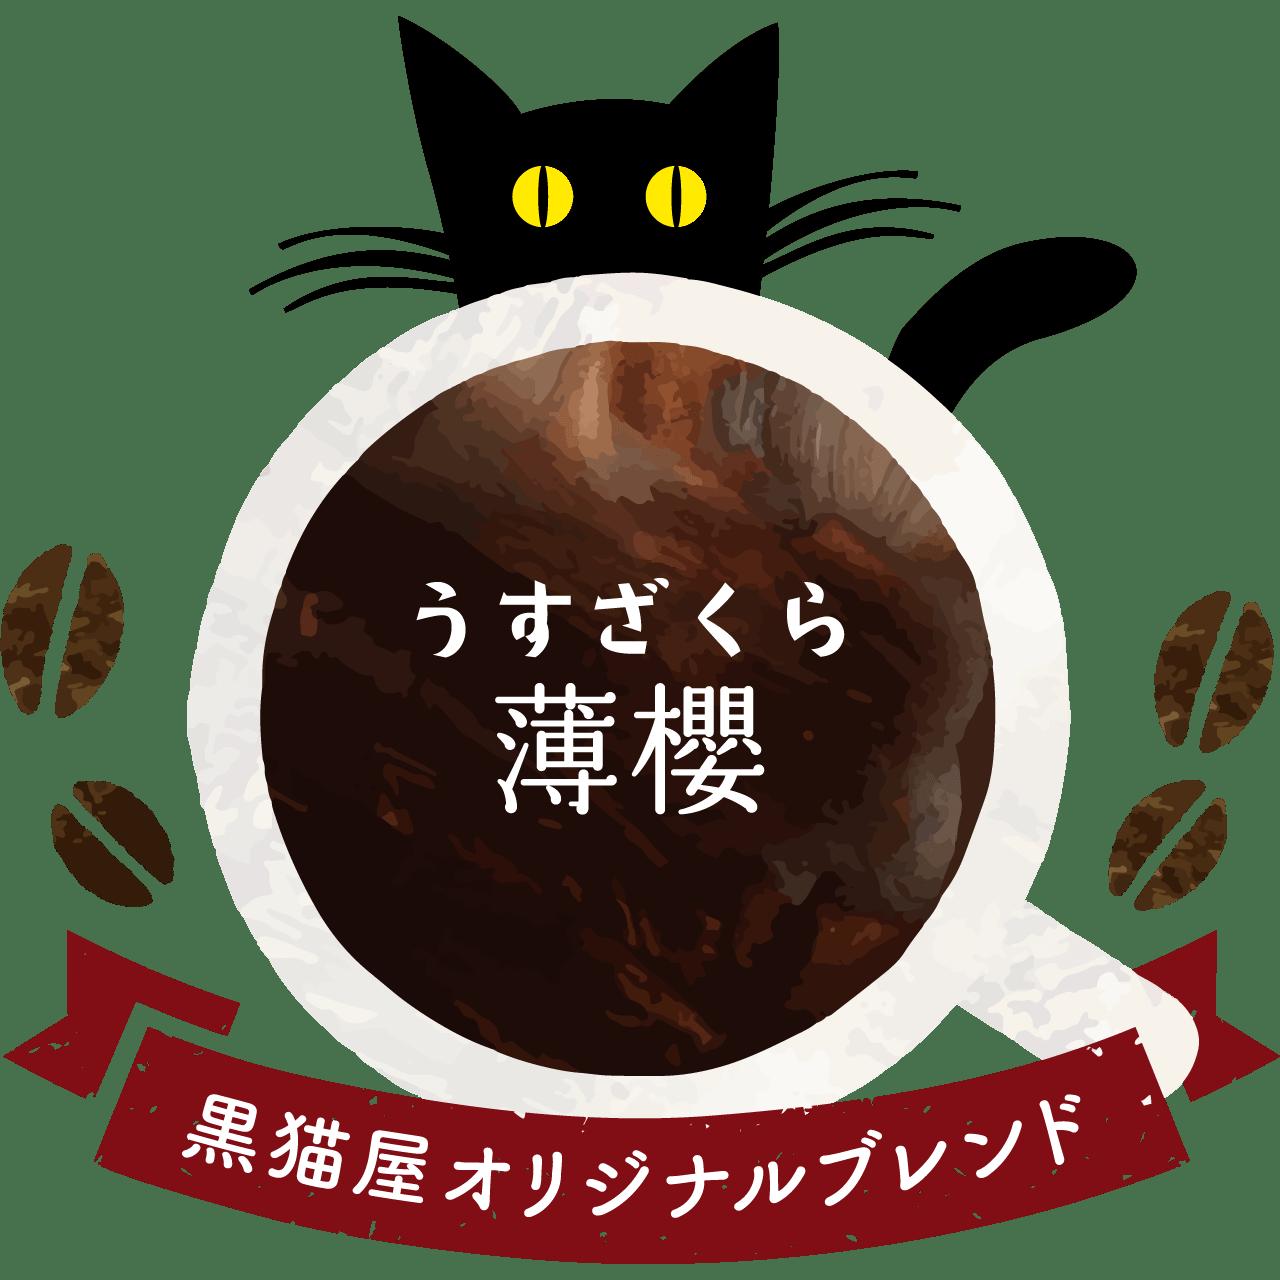 「薄櫻(うすざくら) 100g」のメイン画像